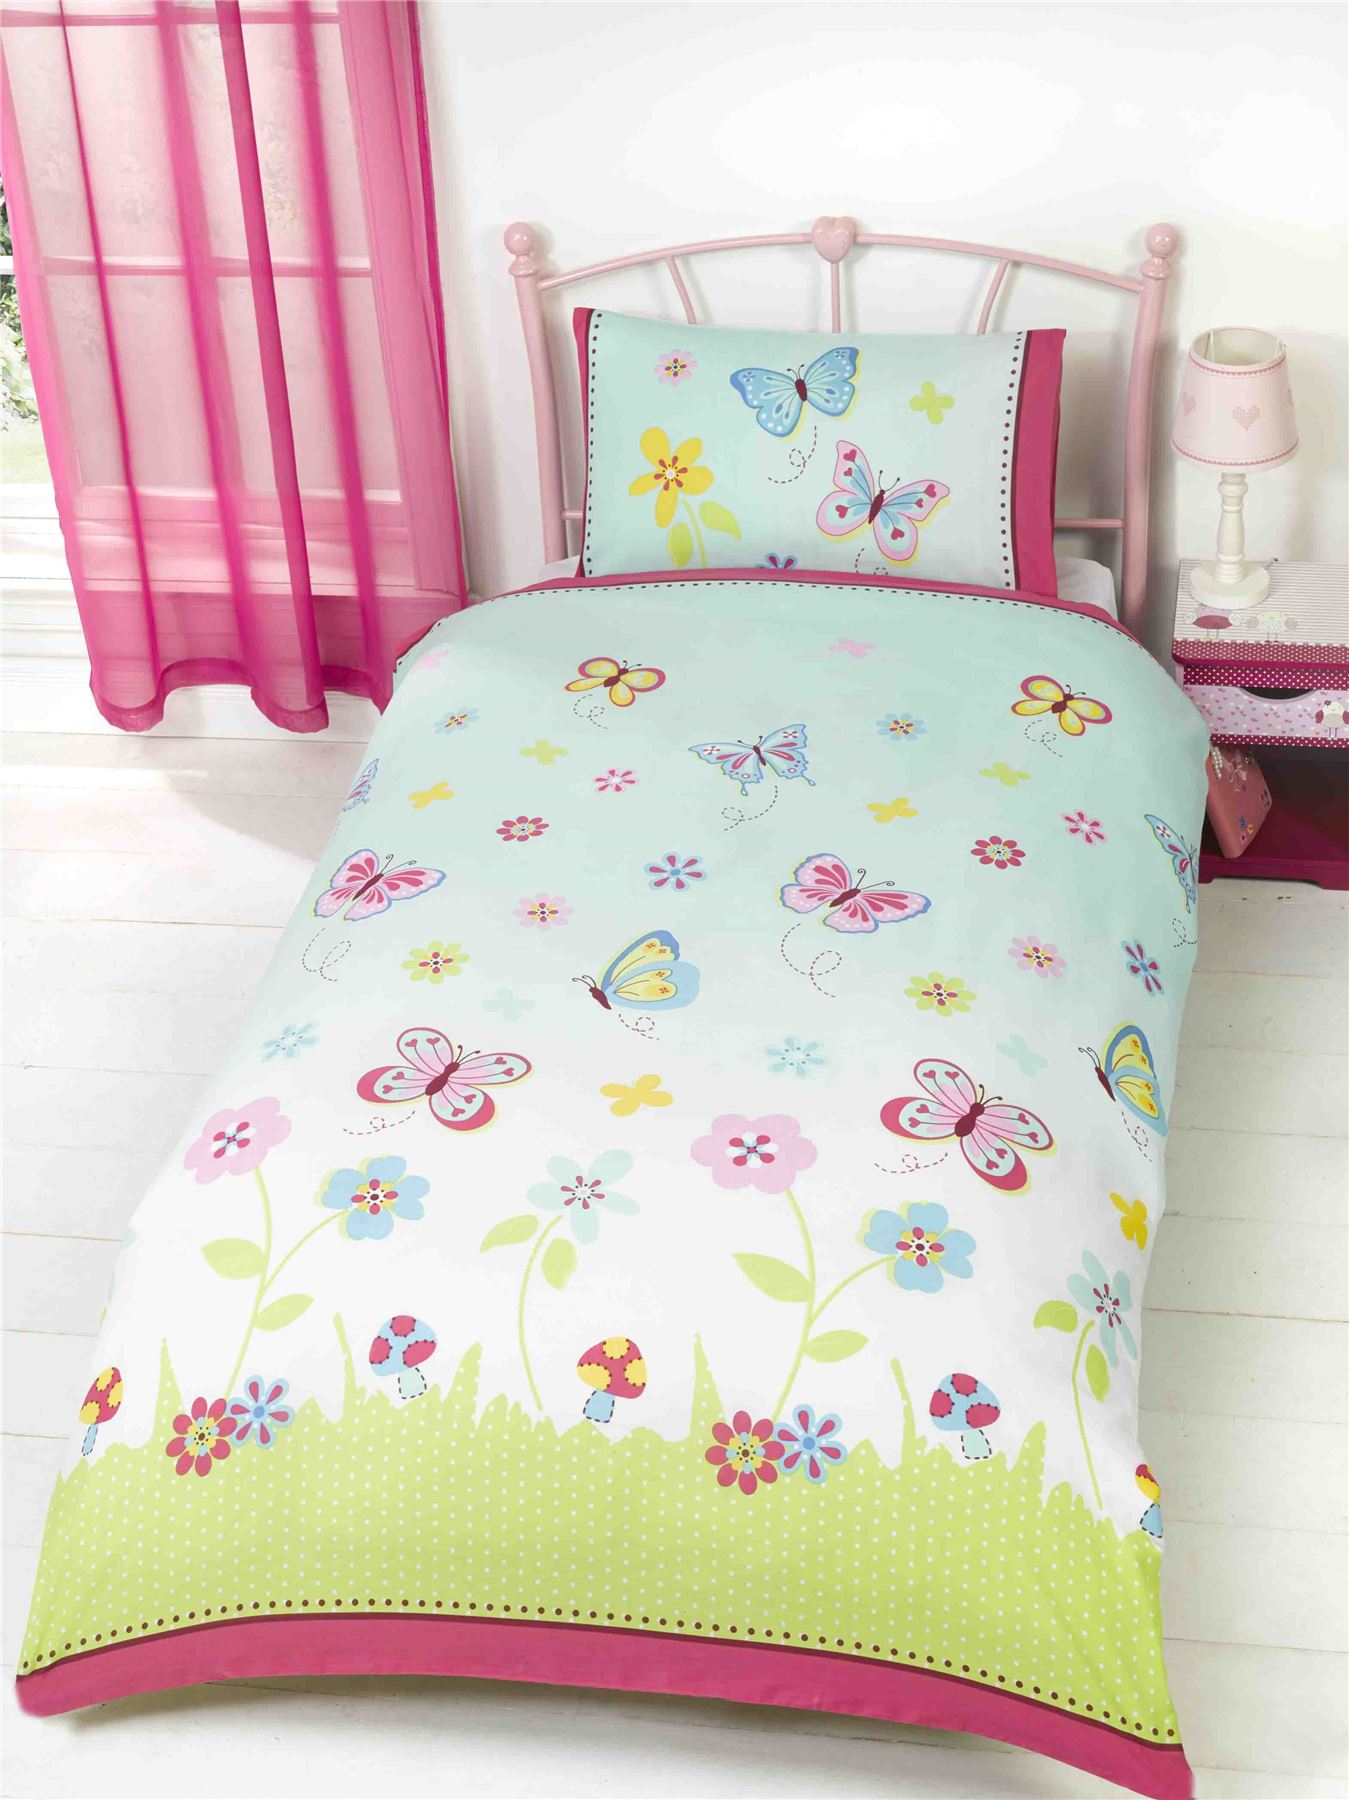 kids duvet covers childrens bedding doona cover set girls. Black Bedroom Furniture Sets. Home Design Ideas